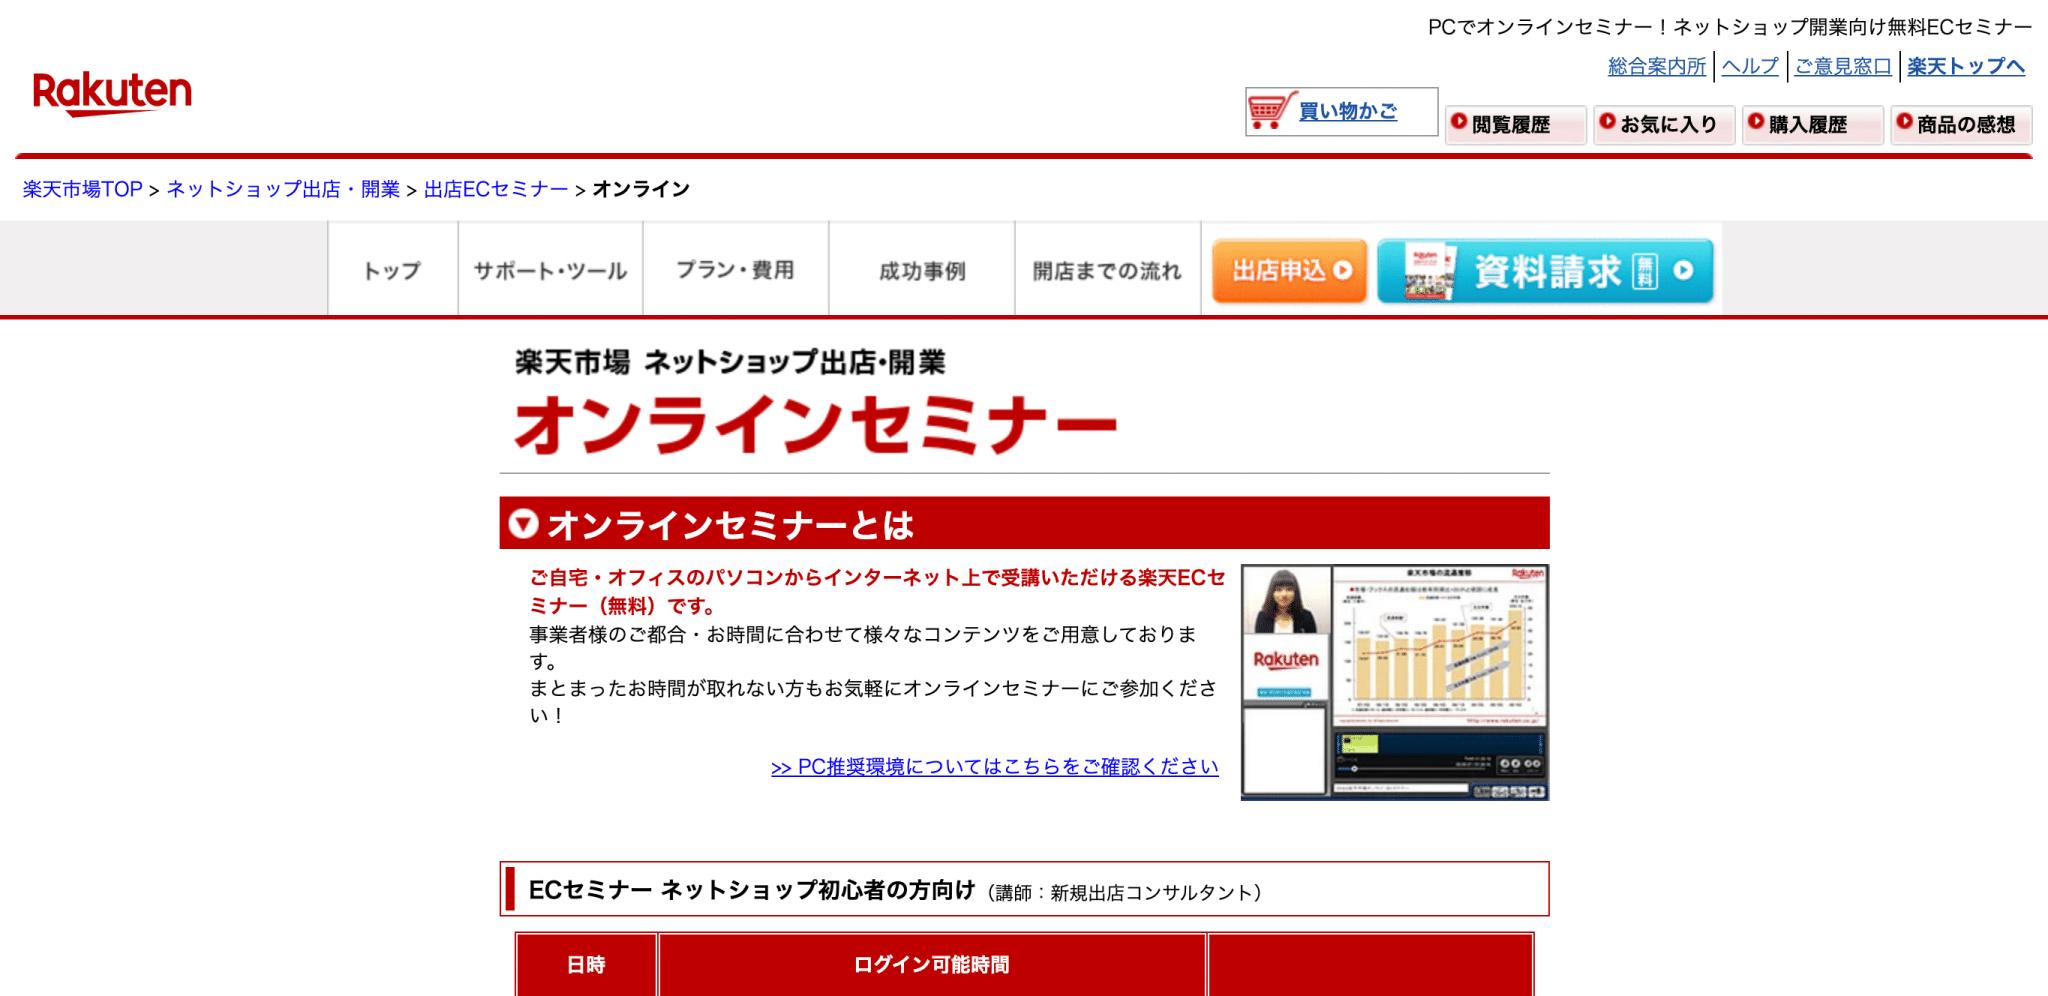 楽天市場 ネットショップ出店・開業オンラインセミナー